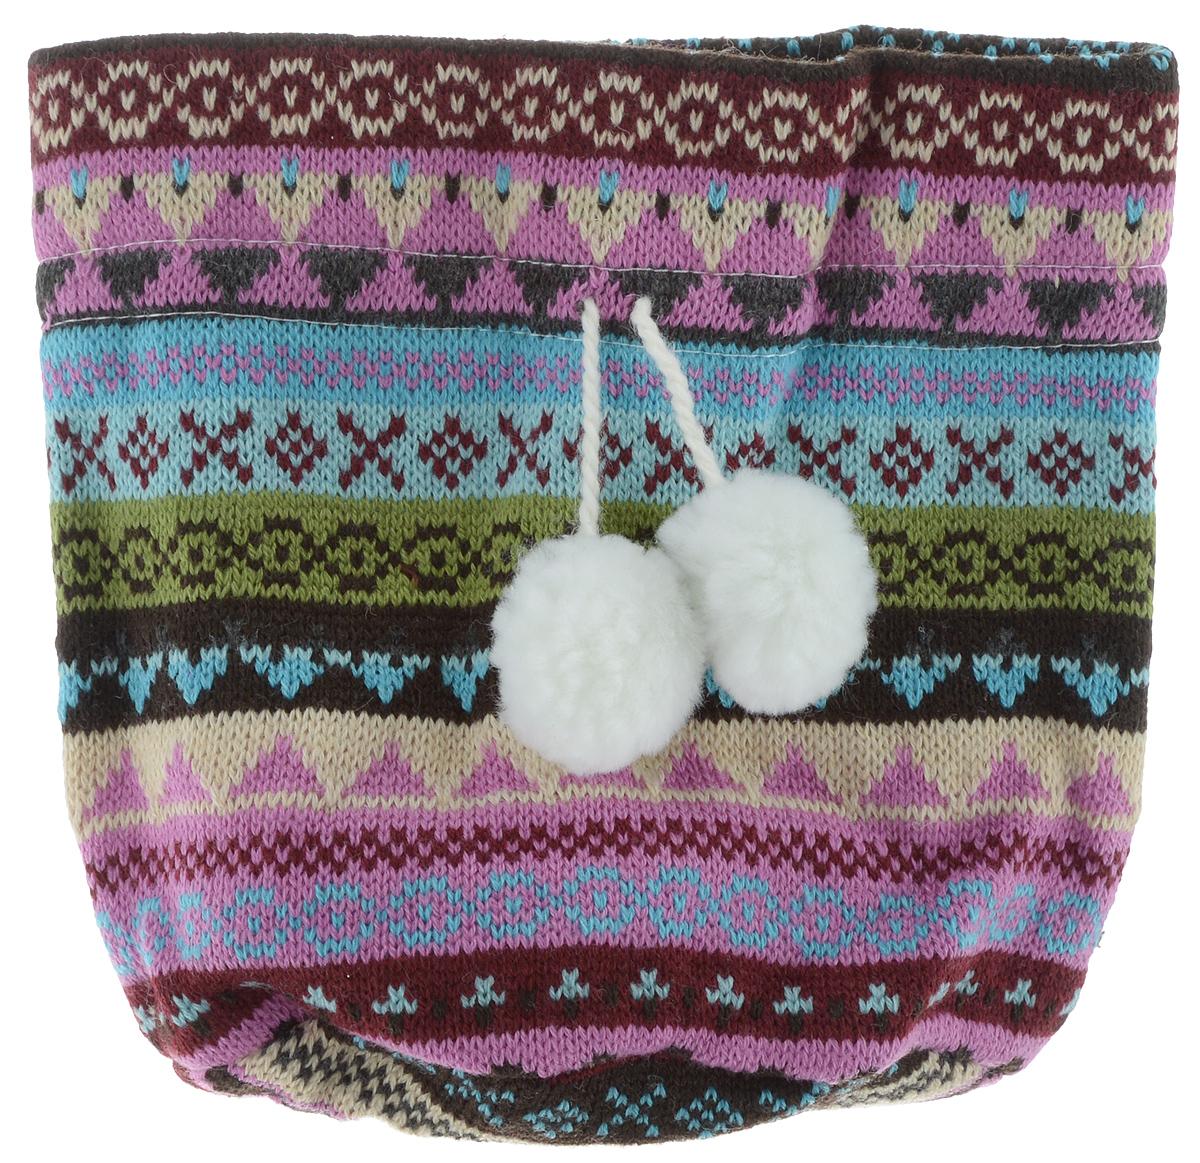 Мешок для подарков Winter Wings Жаккард темный, 15 х 10 х 19 смN02307Мешок для подарков Winter Wings Жаккард темный выполнен из полиэстера. В мешочек можно положить подарки и спрятать под елку. Изделие очень мягкое и приятное на ощупь. С помощью специальных шнурков с помпонами мешочек легко затягивается и завязывается. Новогодние украшения несут в себе волшебство и красоту праздника. Они помогут вам украсить дом к предстоящим праздникам и оживить интерьер по вашему вкусу. Создайте в доме атмосферу тепла, веселья и радости, украшая его всей семьей.